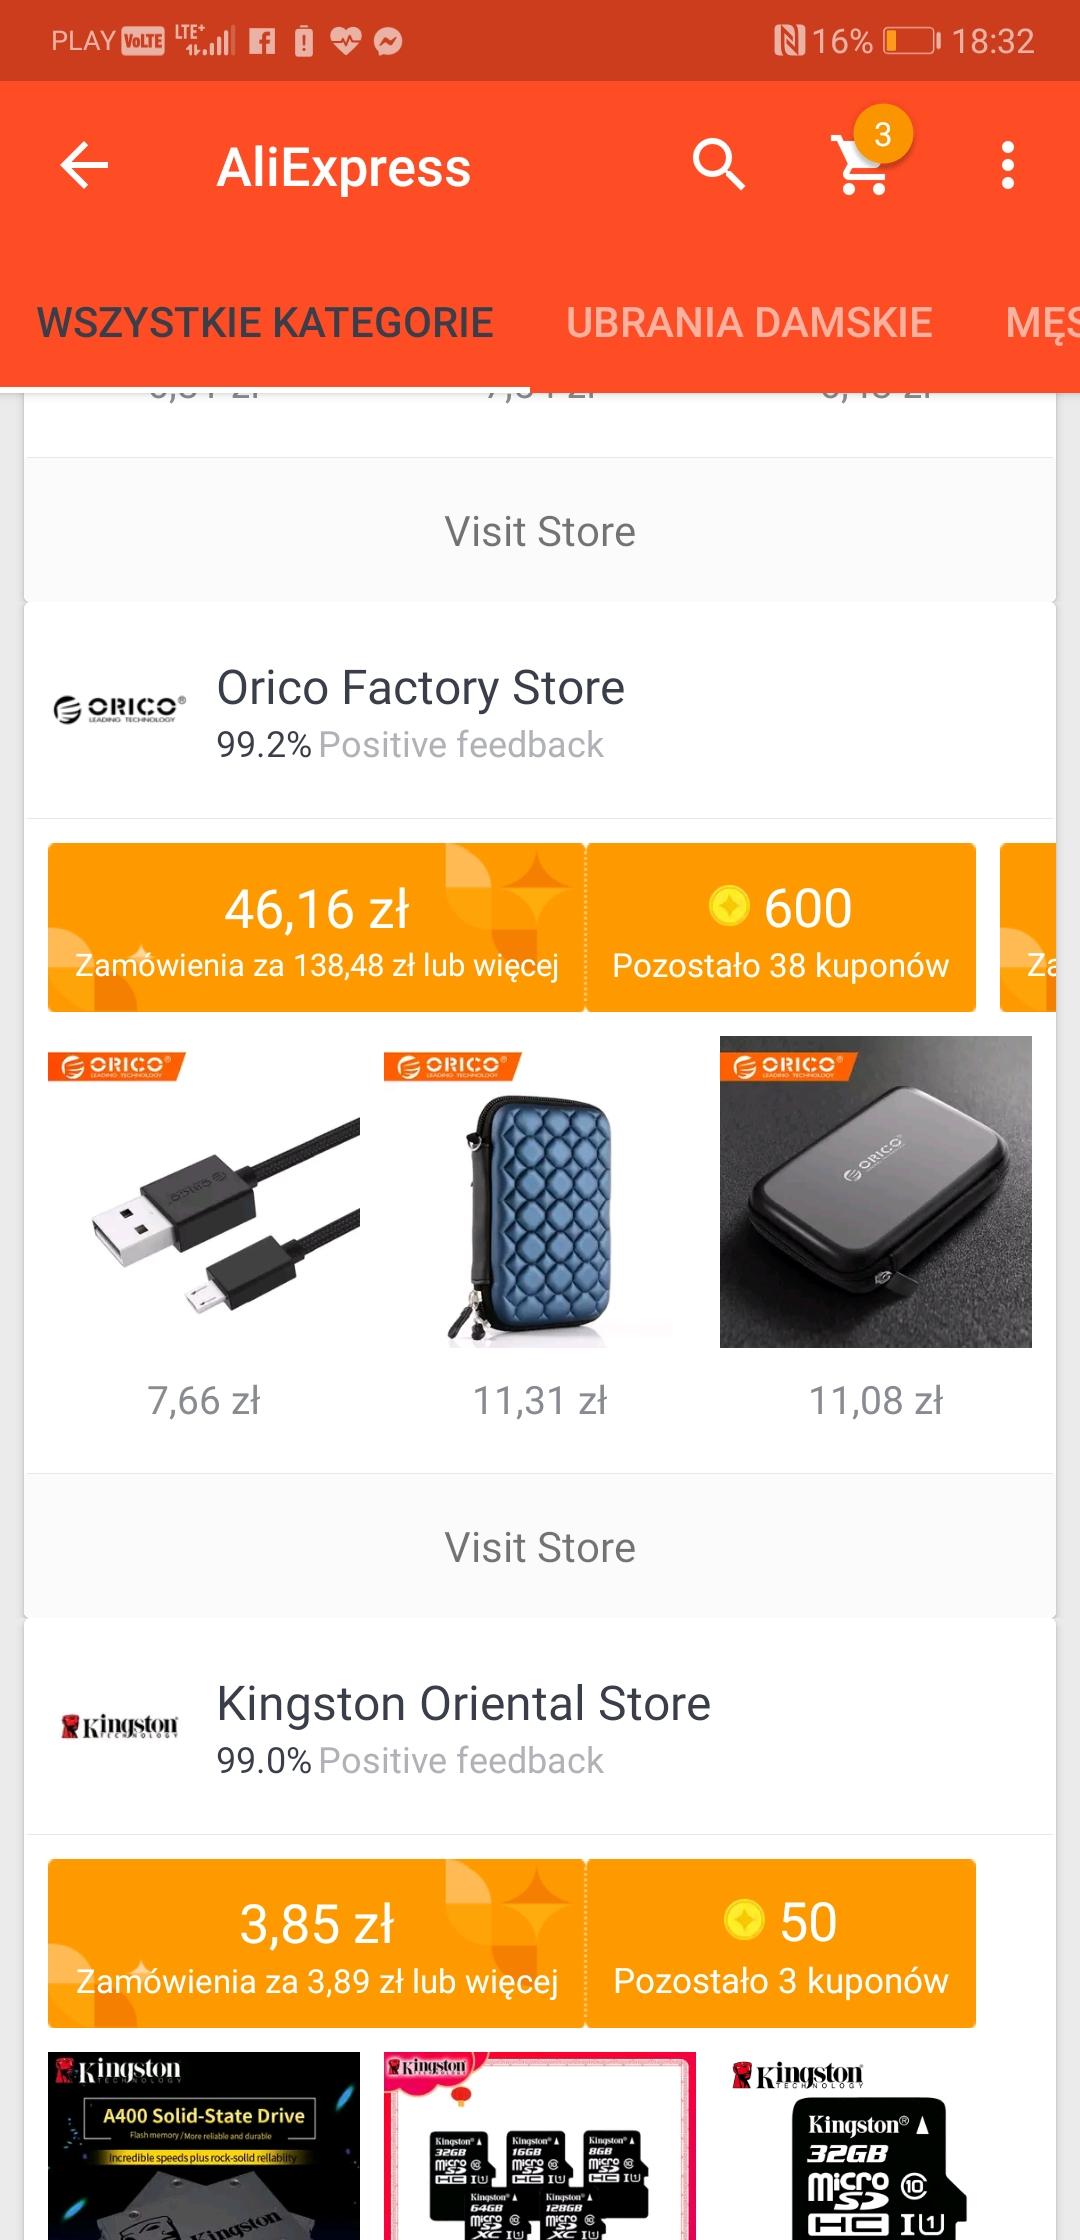 Kupon Orico Factory Store 12/36$ za punkty AliExpress, dodtakowe % zniżki